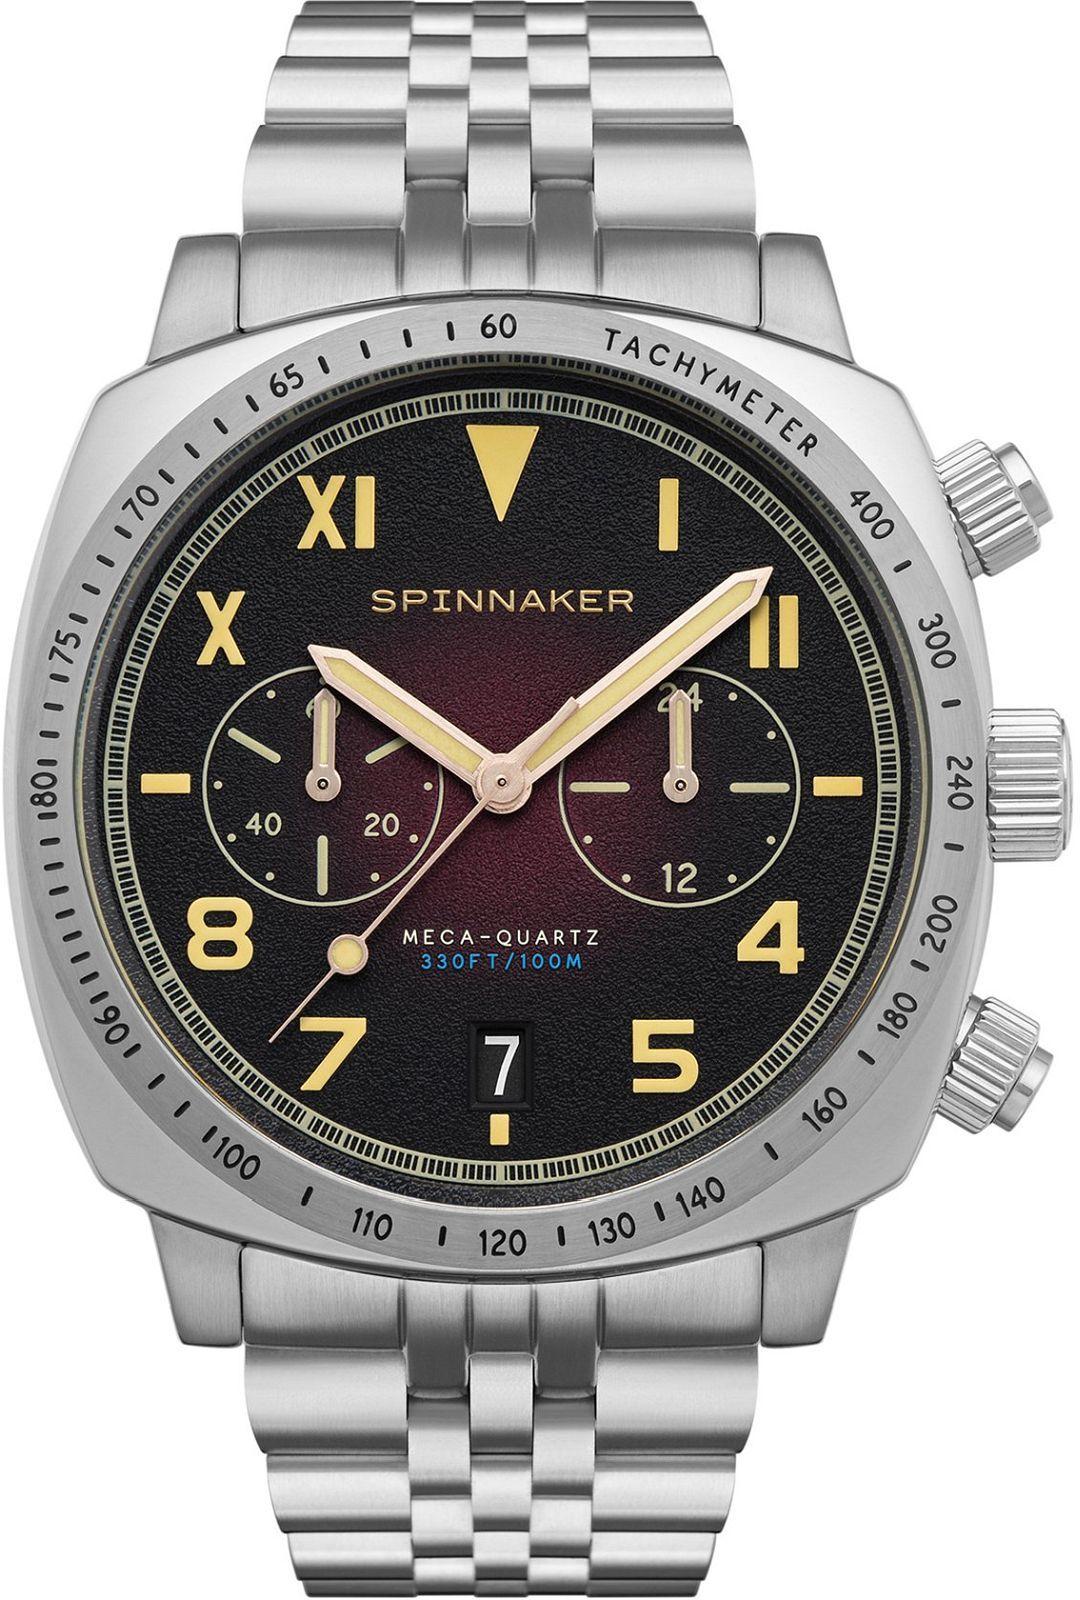 Spinnaker SP-5092-22 > Wysyłka tego samego dnia Grawer 0zł Darmowa dostawa Kurierem/Inpost Darmowy zwrot przez 100 DNI